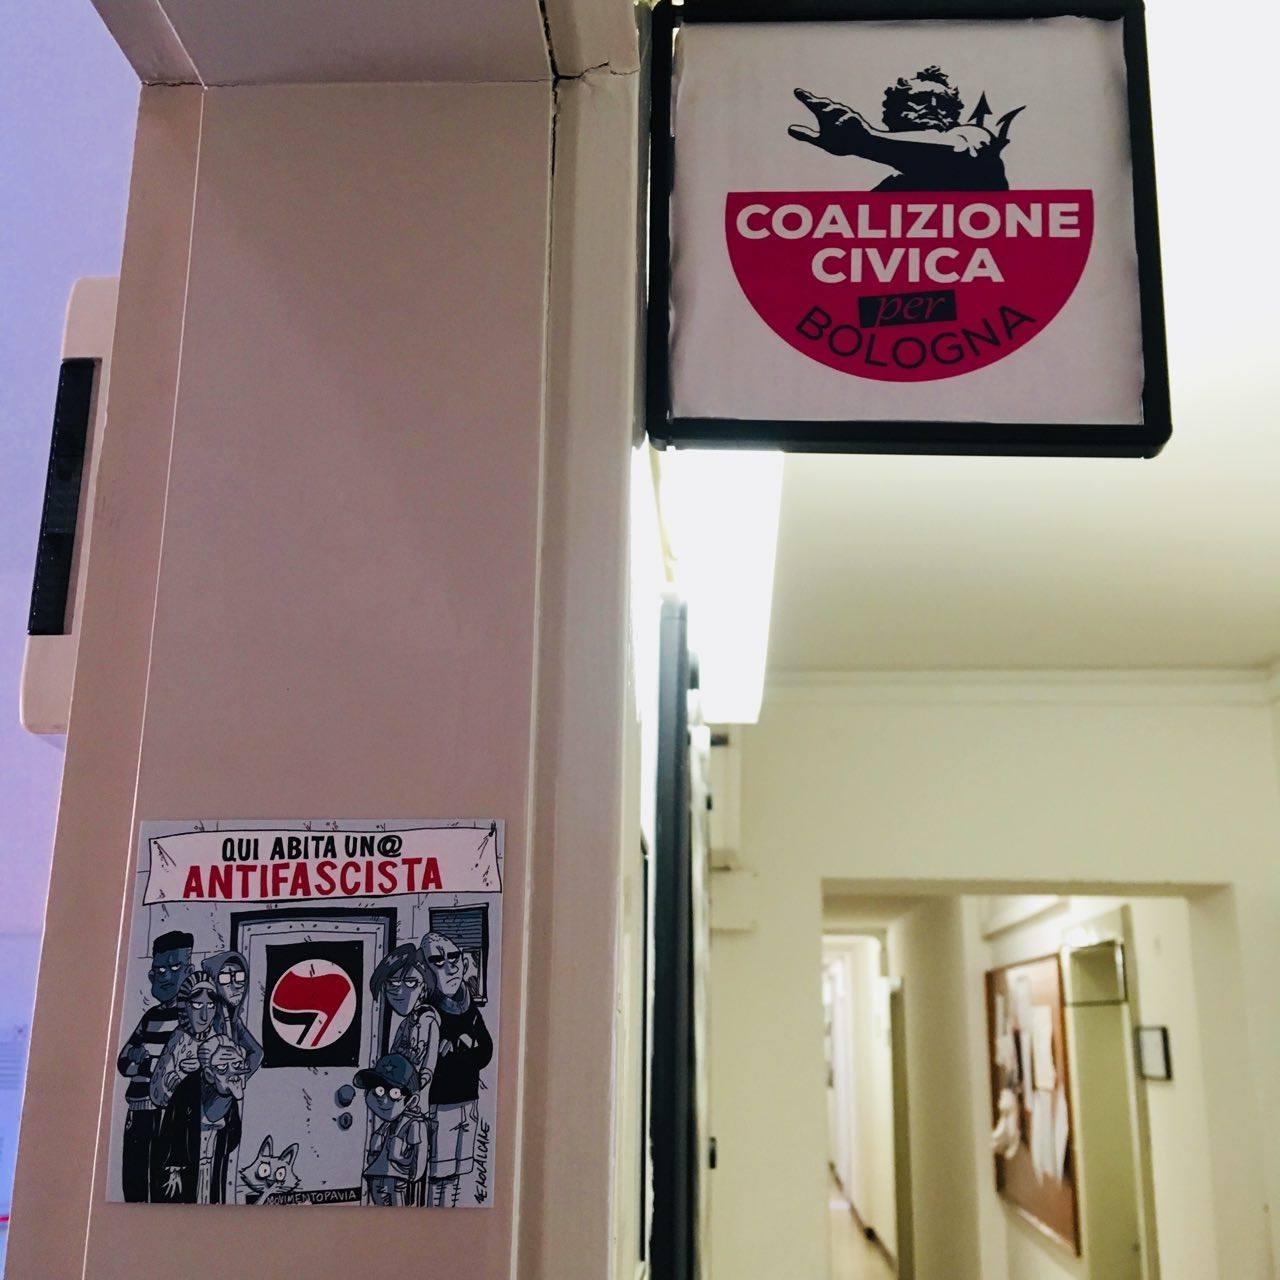 Approvata la delibera spazi antifascisti: la lunga storia della mozione di Coalizione Civica